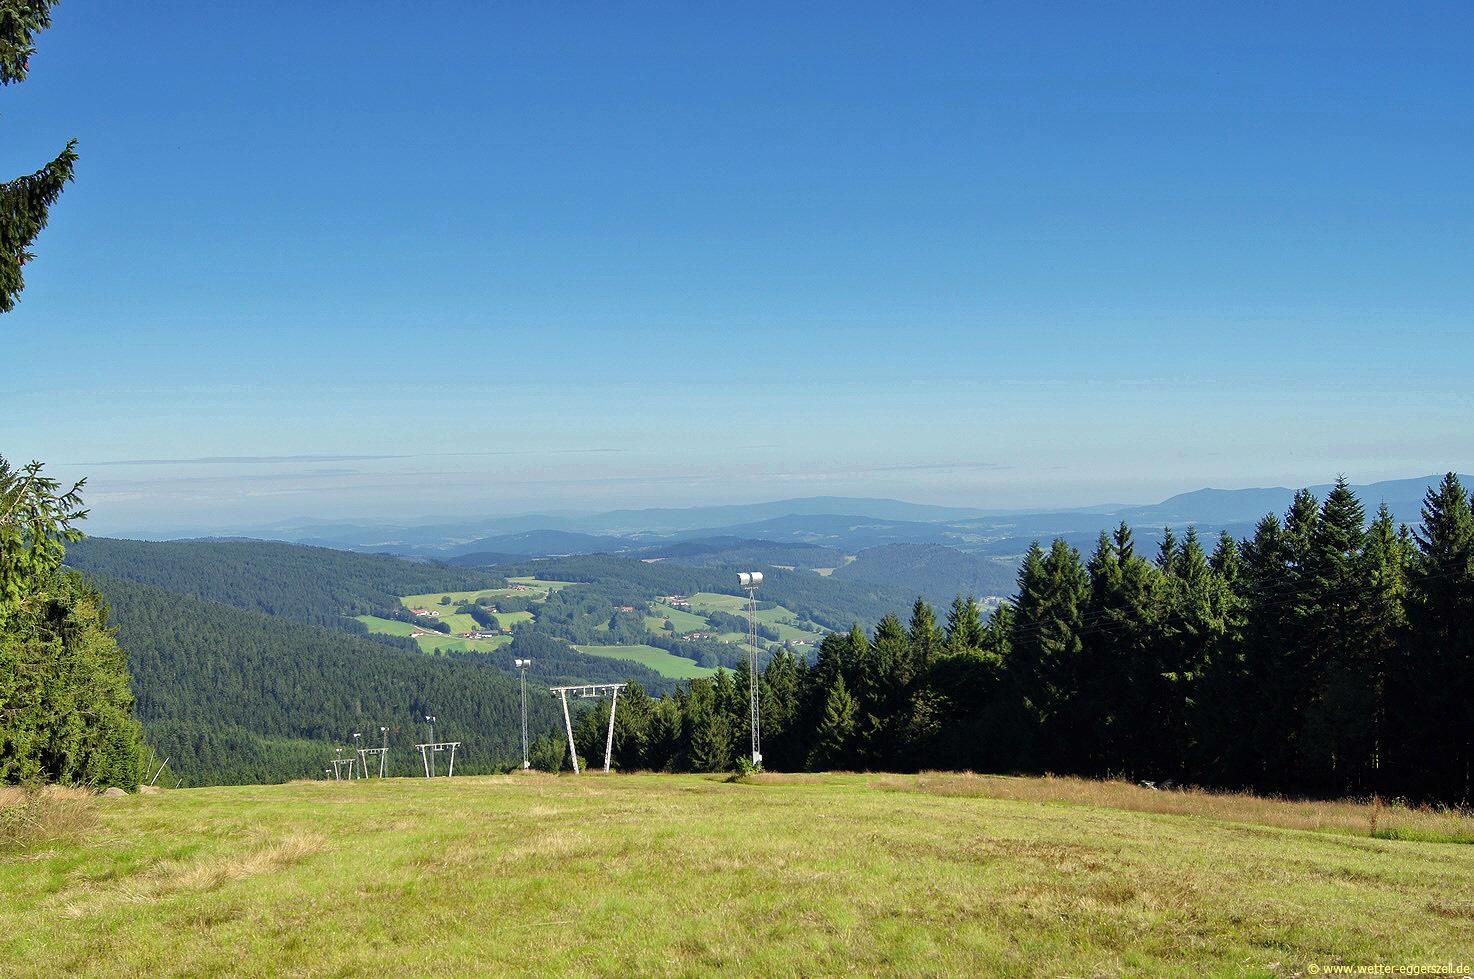 http://wetter-eggerszell.de/images/dsc09184-.jpg